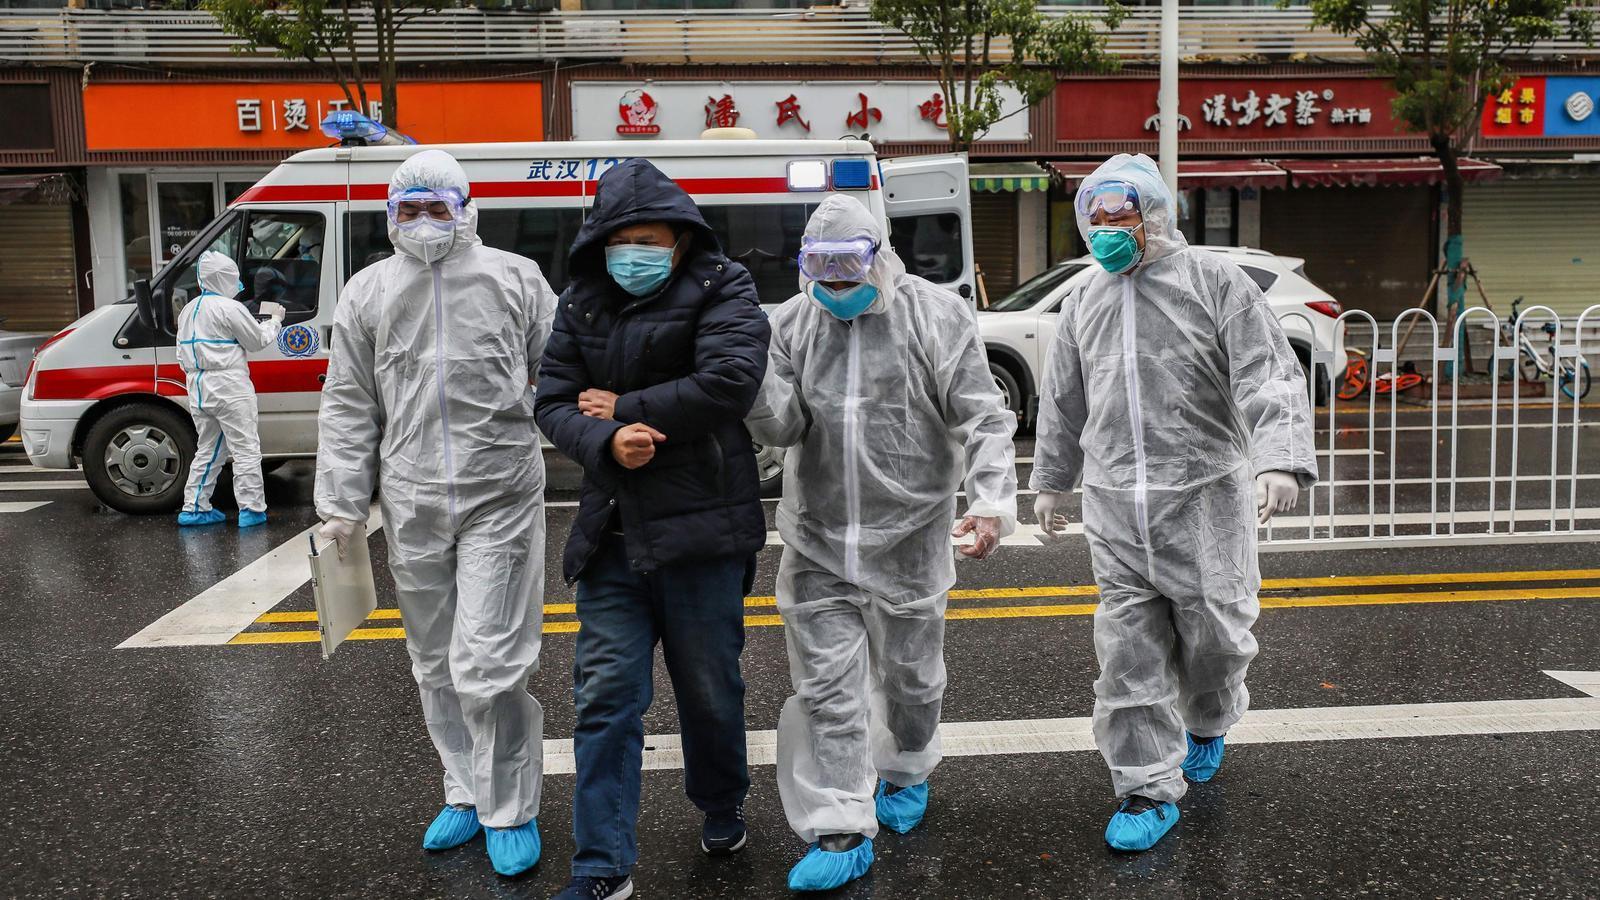 Membres del personal sanitari acompanyant un pacient  a un hospital de Wuhan